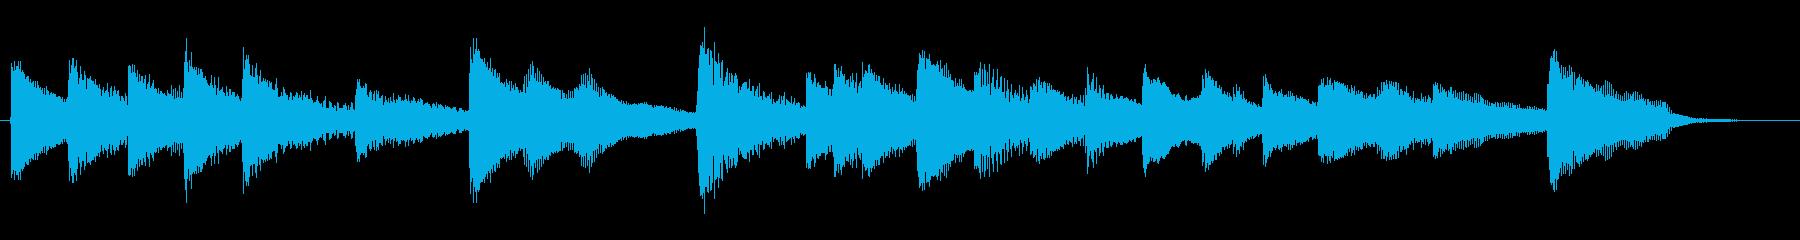 さわやかなピアノのジングルの再生済みの波形